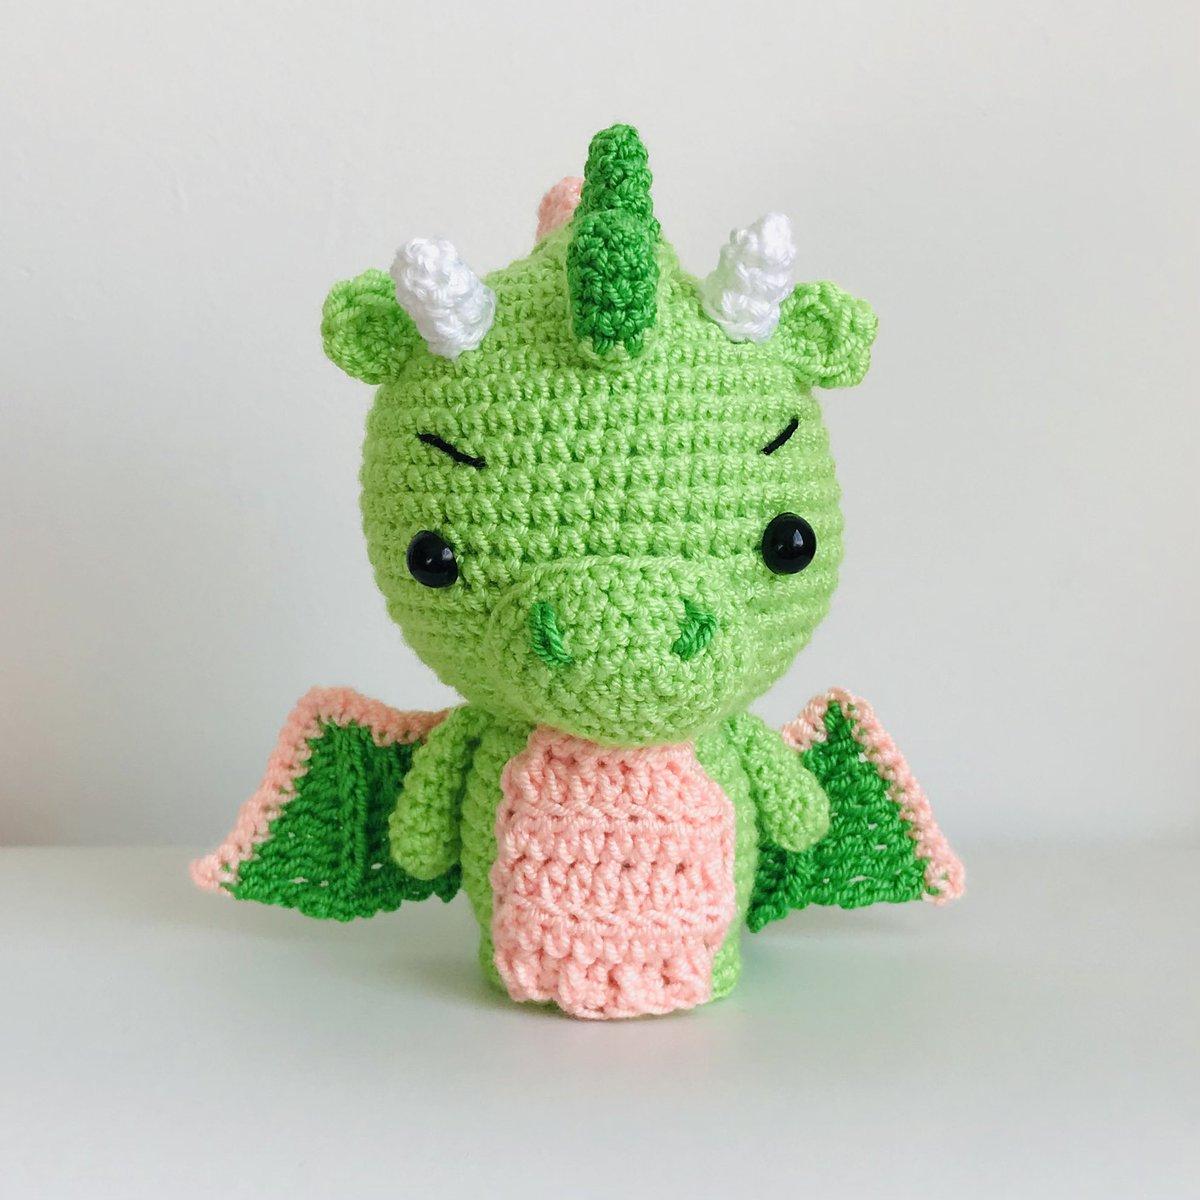 #love #amigurumilove #amigurumiaddicted #crochet #instagood #ganchillo #emprendedores #regalosdiferentes #happy #regalospersonalizados #crochet2021 #hechoenbogota